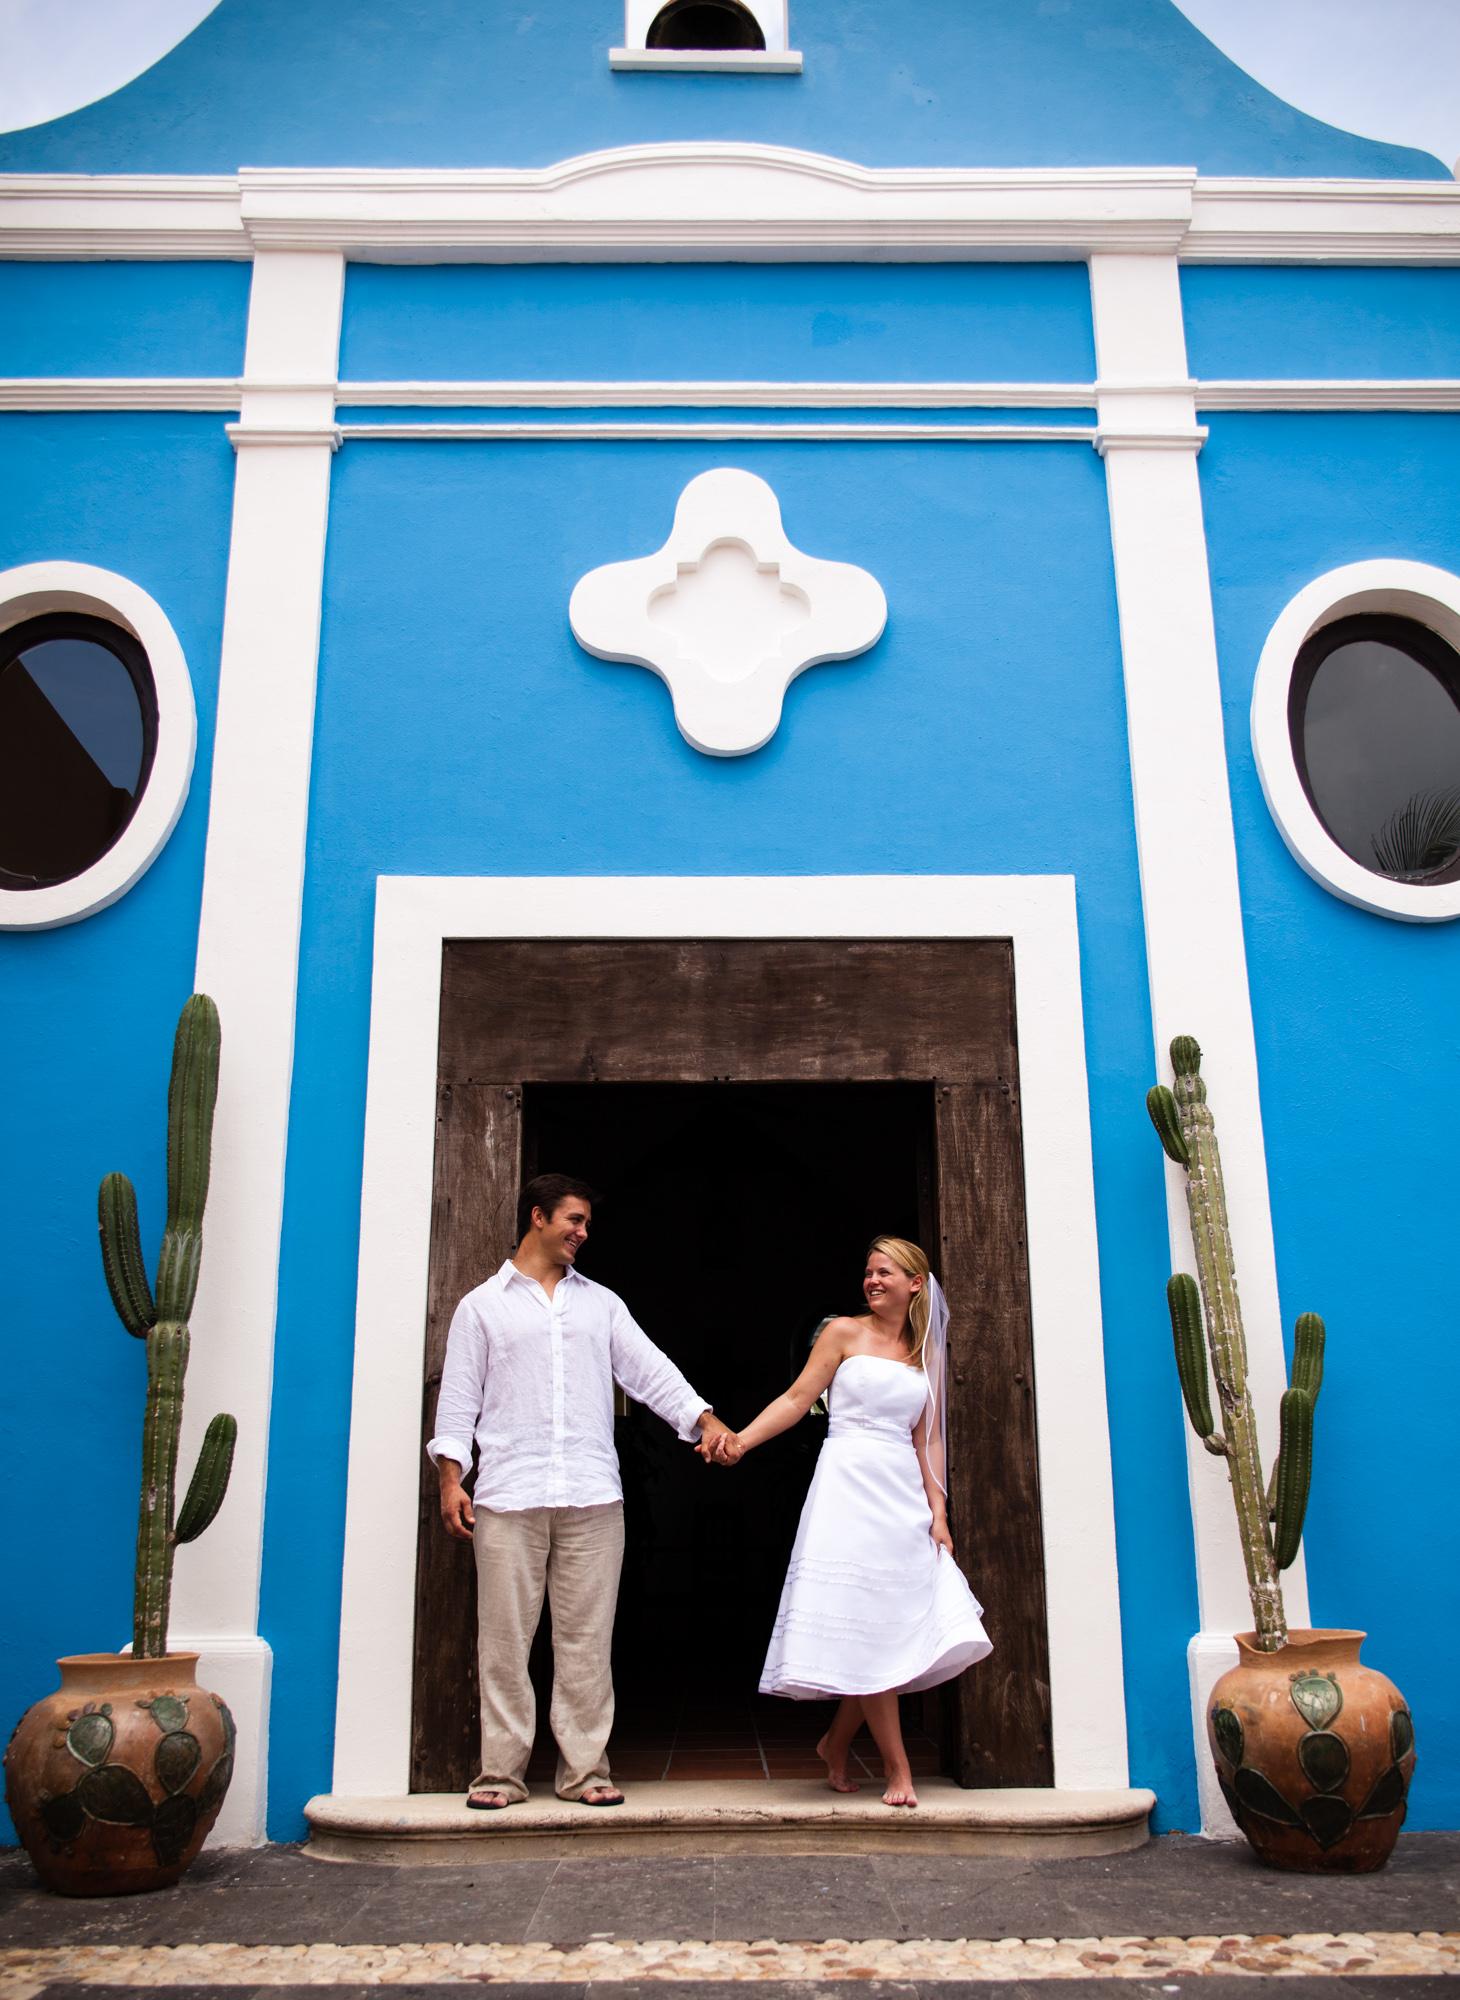 Destination Inspirations - Tulum, Mexico